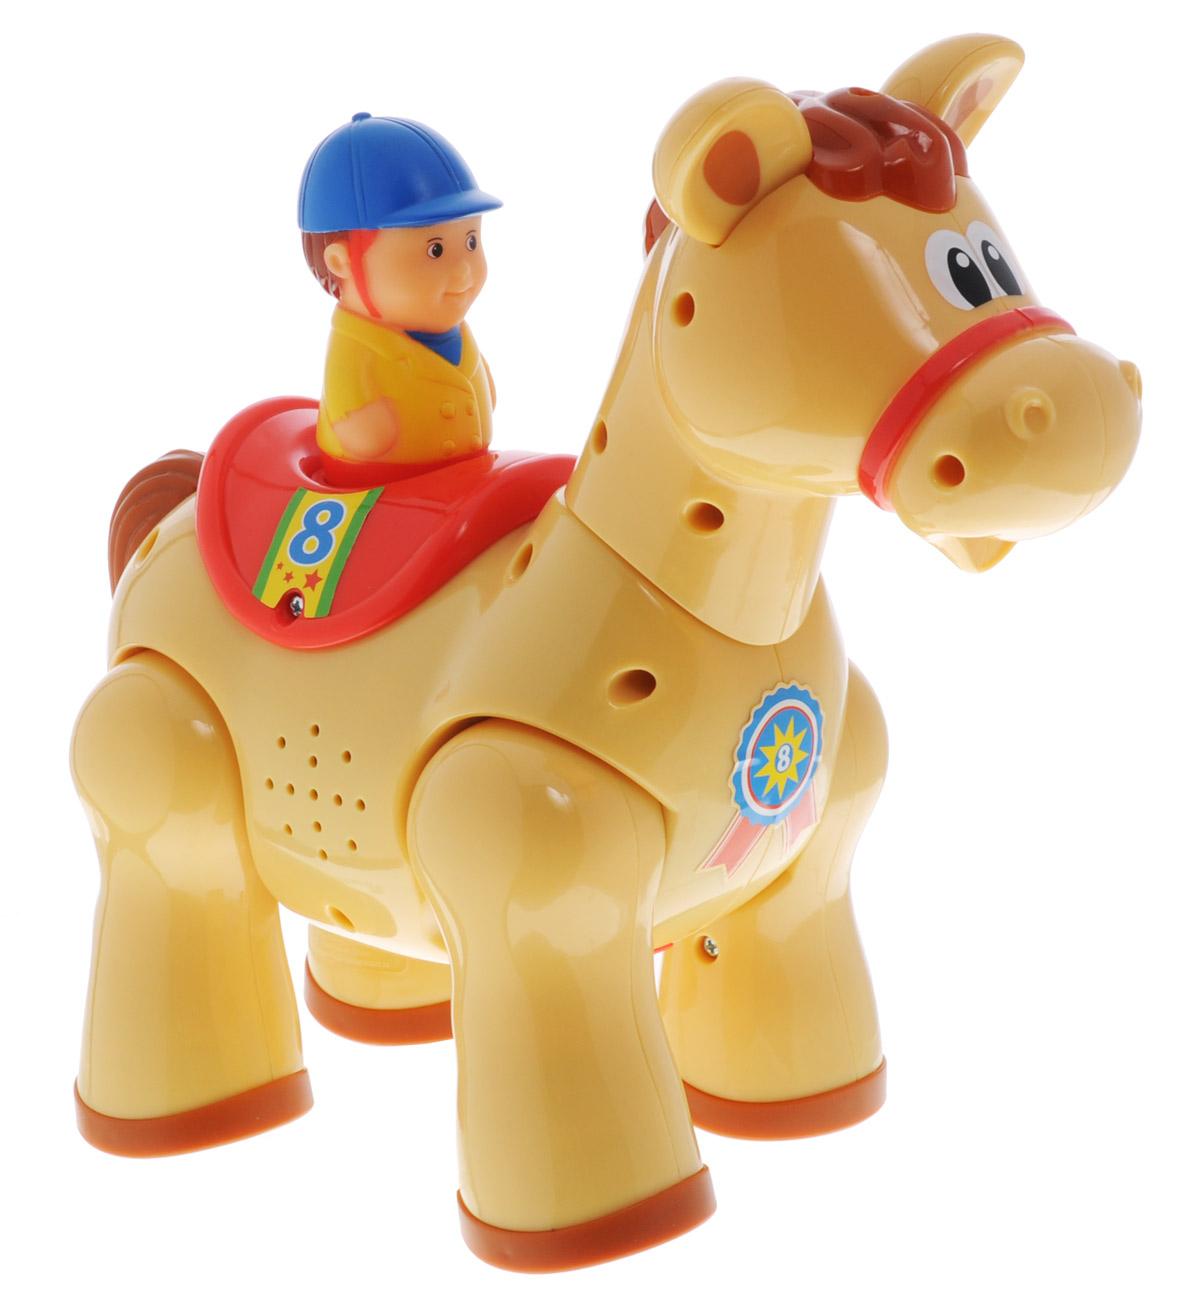 Kiddieland Развивающая игрушка на радиоуправлении Пони - Радиоуправляемые игрушки